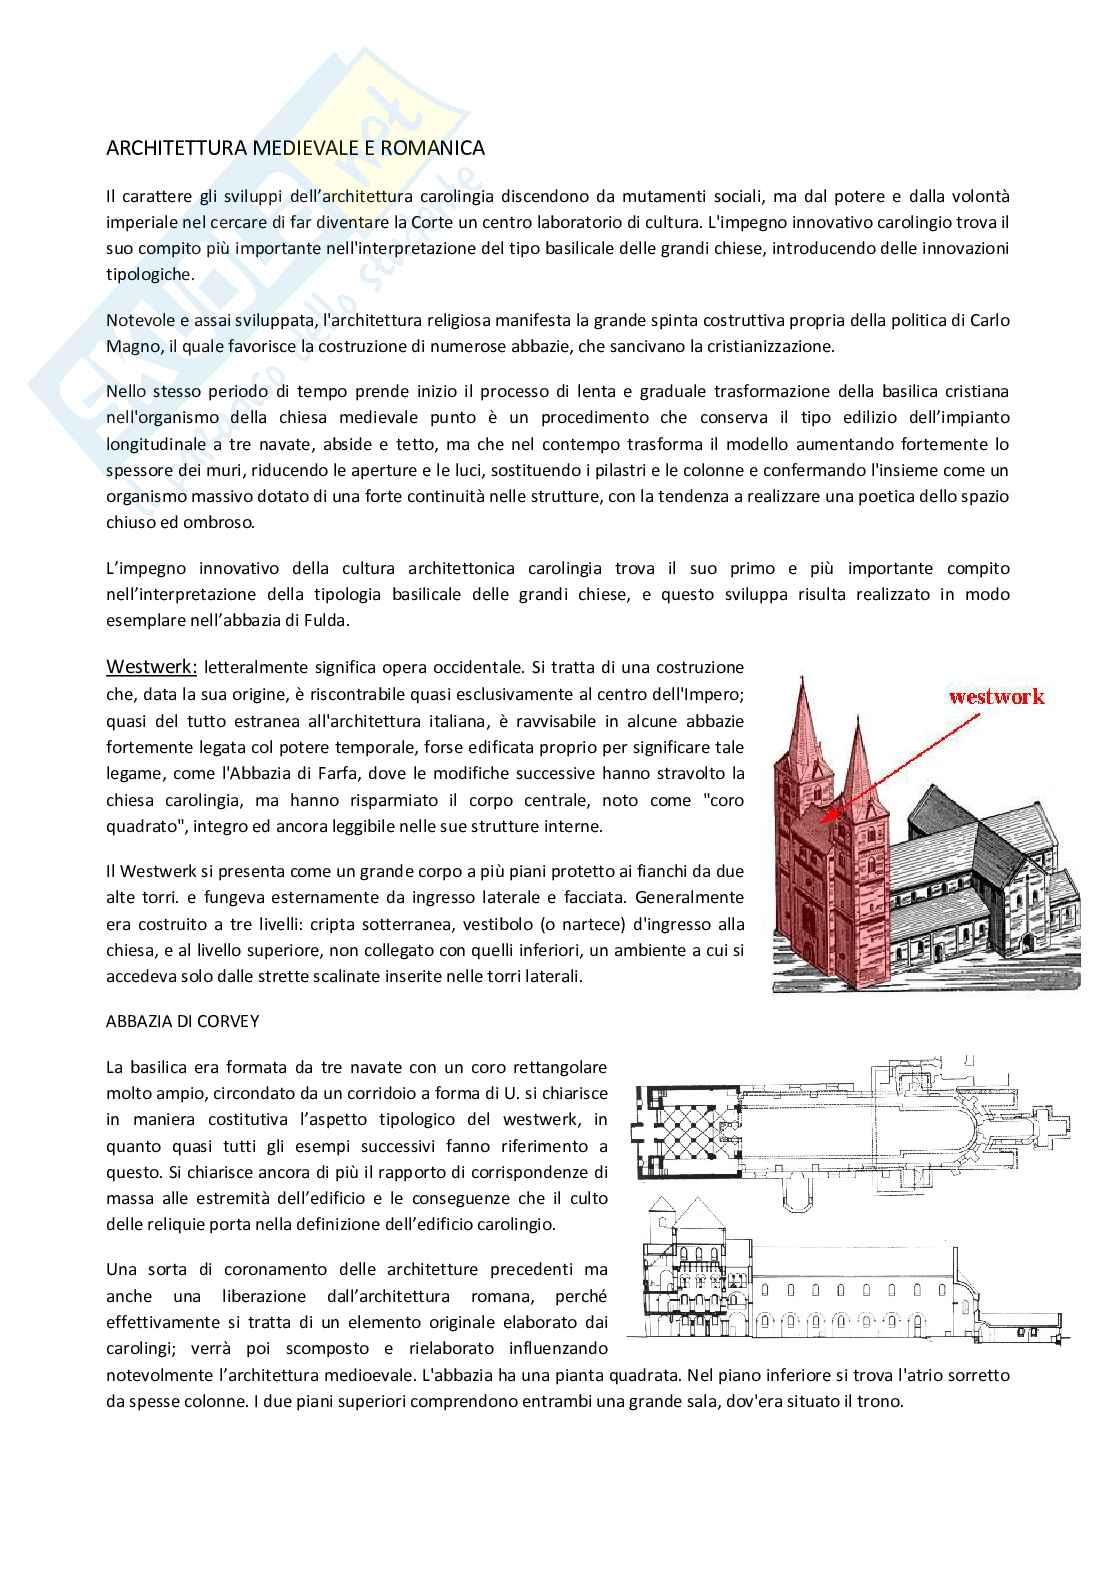 Architettura medievale e romanica